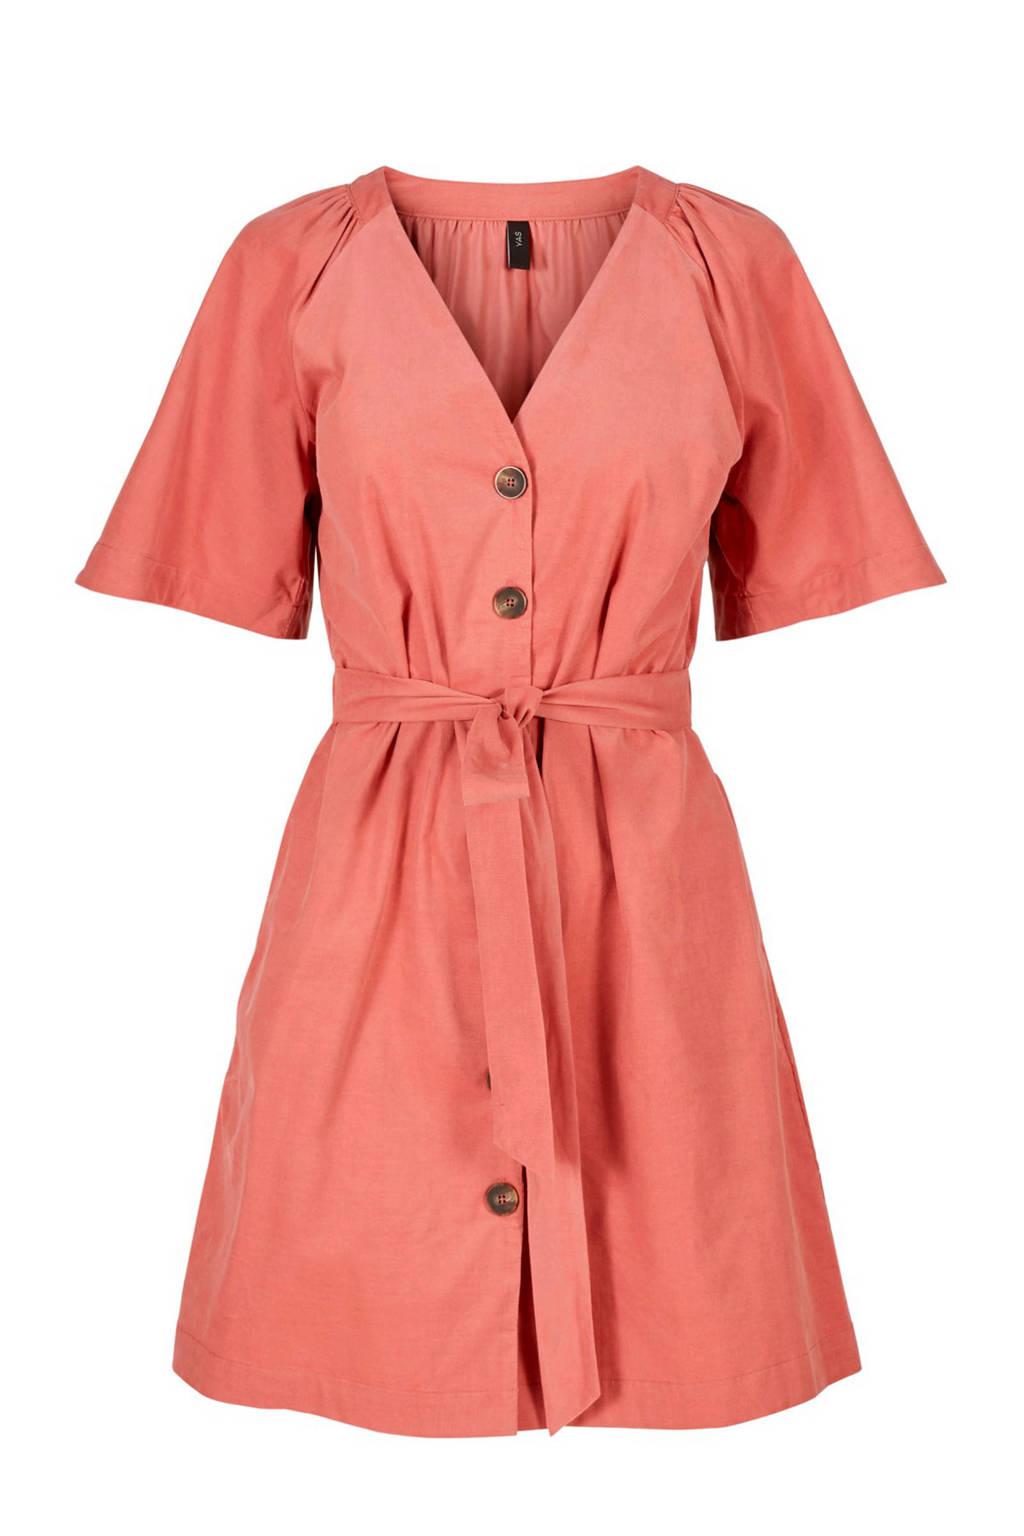 Y.A.S jurk met strikdetail roze, Roze